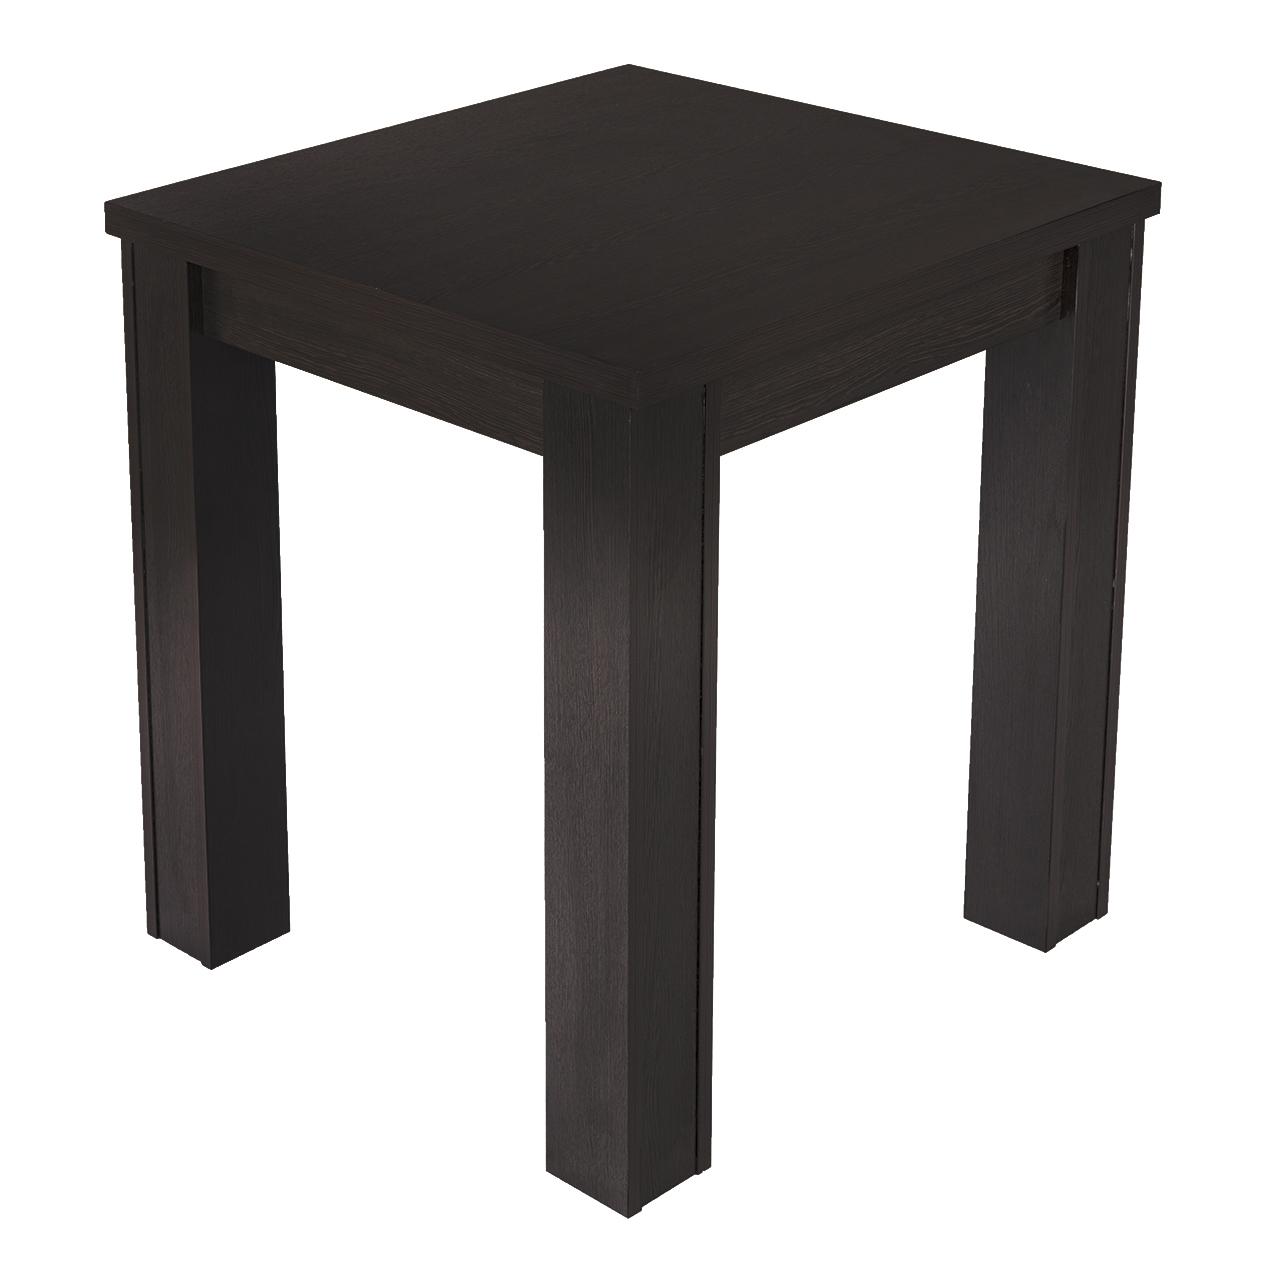 میز ناهار خوری مدل میگون-قهوه ای